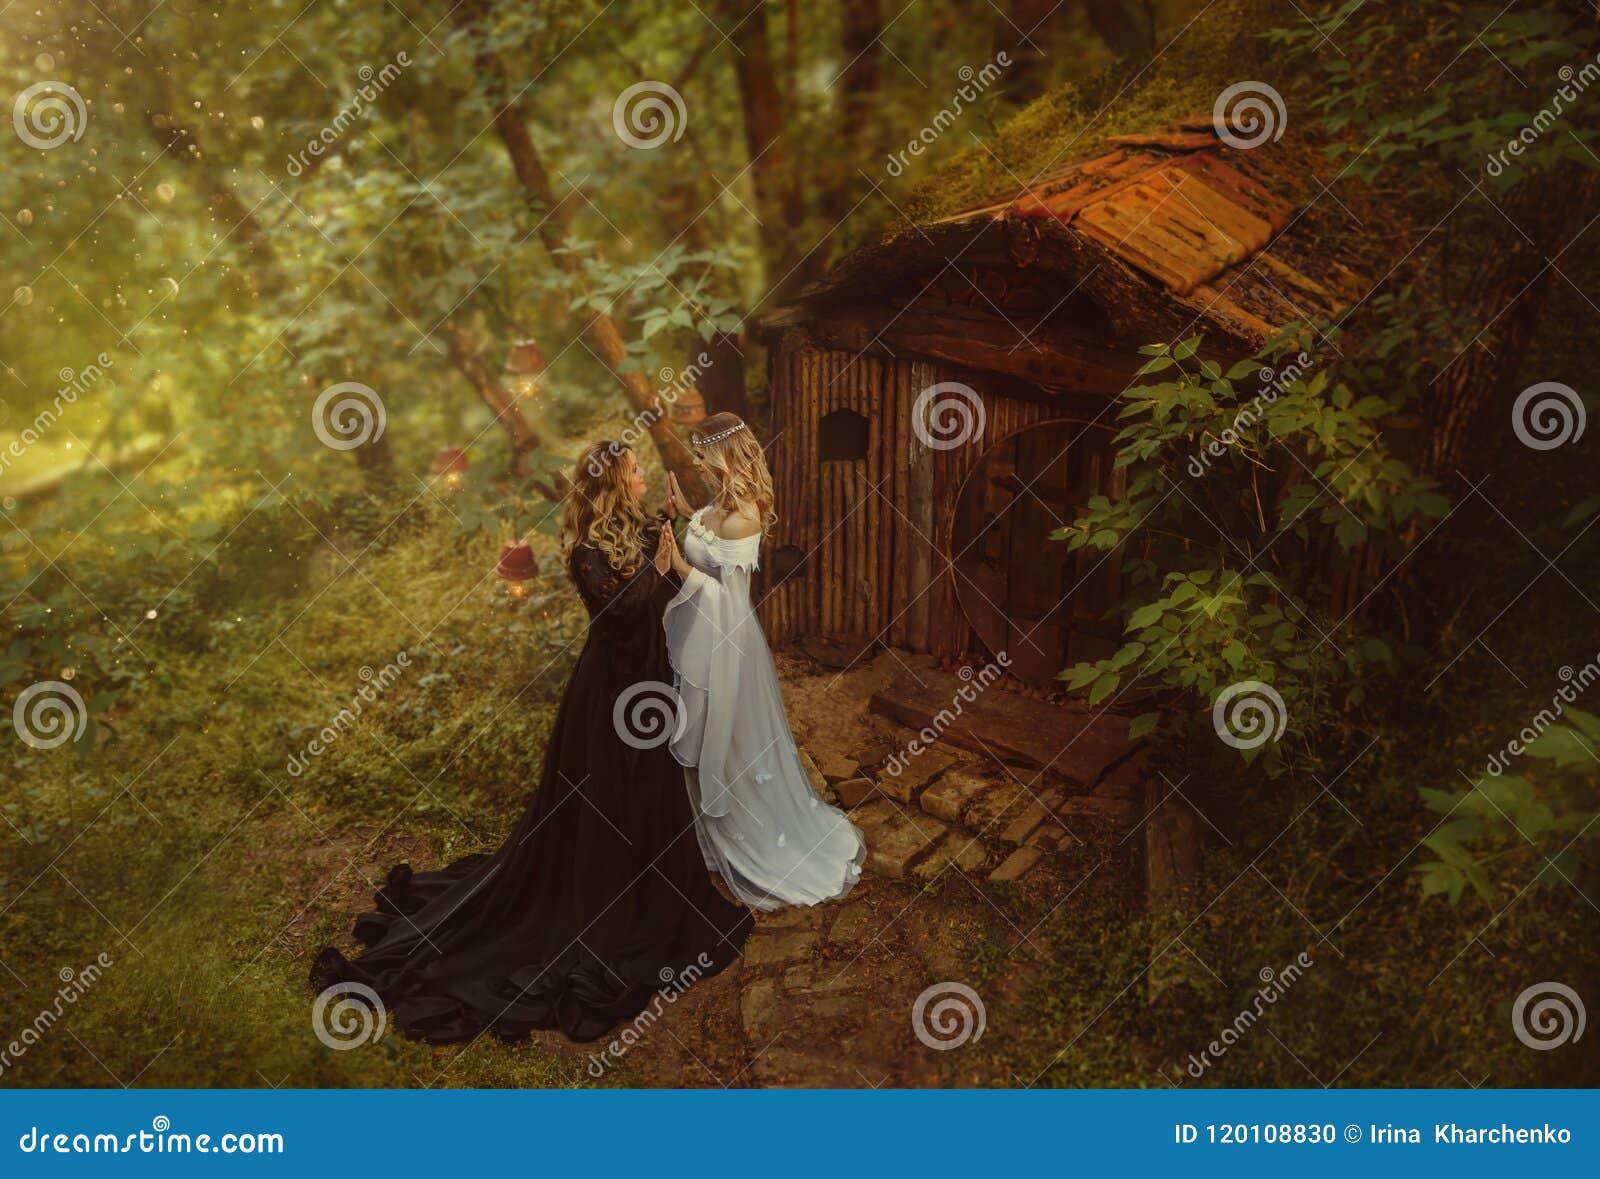 Twee tovenaressen, donker en helder, ontmoetten bij de oude hut van gnomen in een aanraking van fee bos Twee meisjes elkaar, het